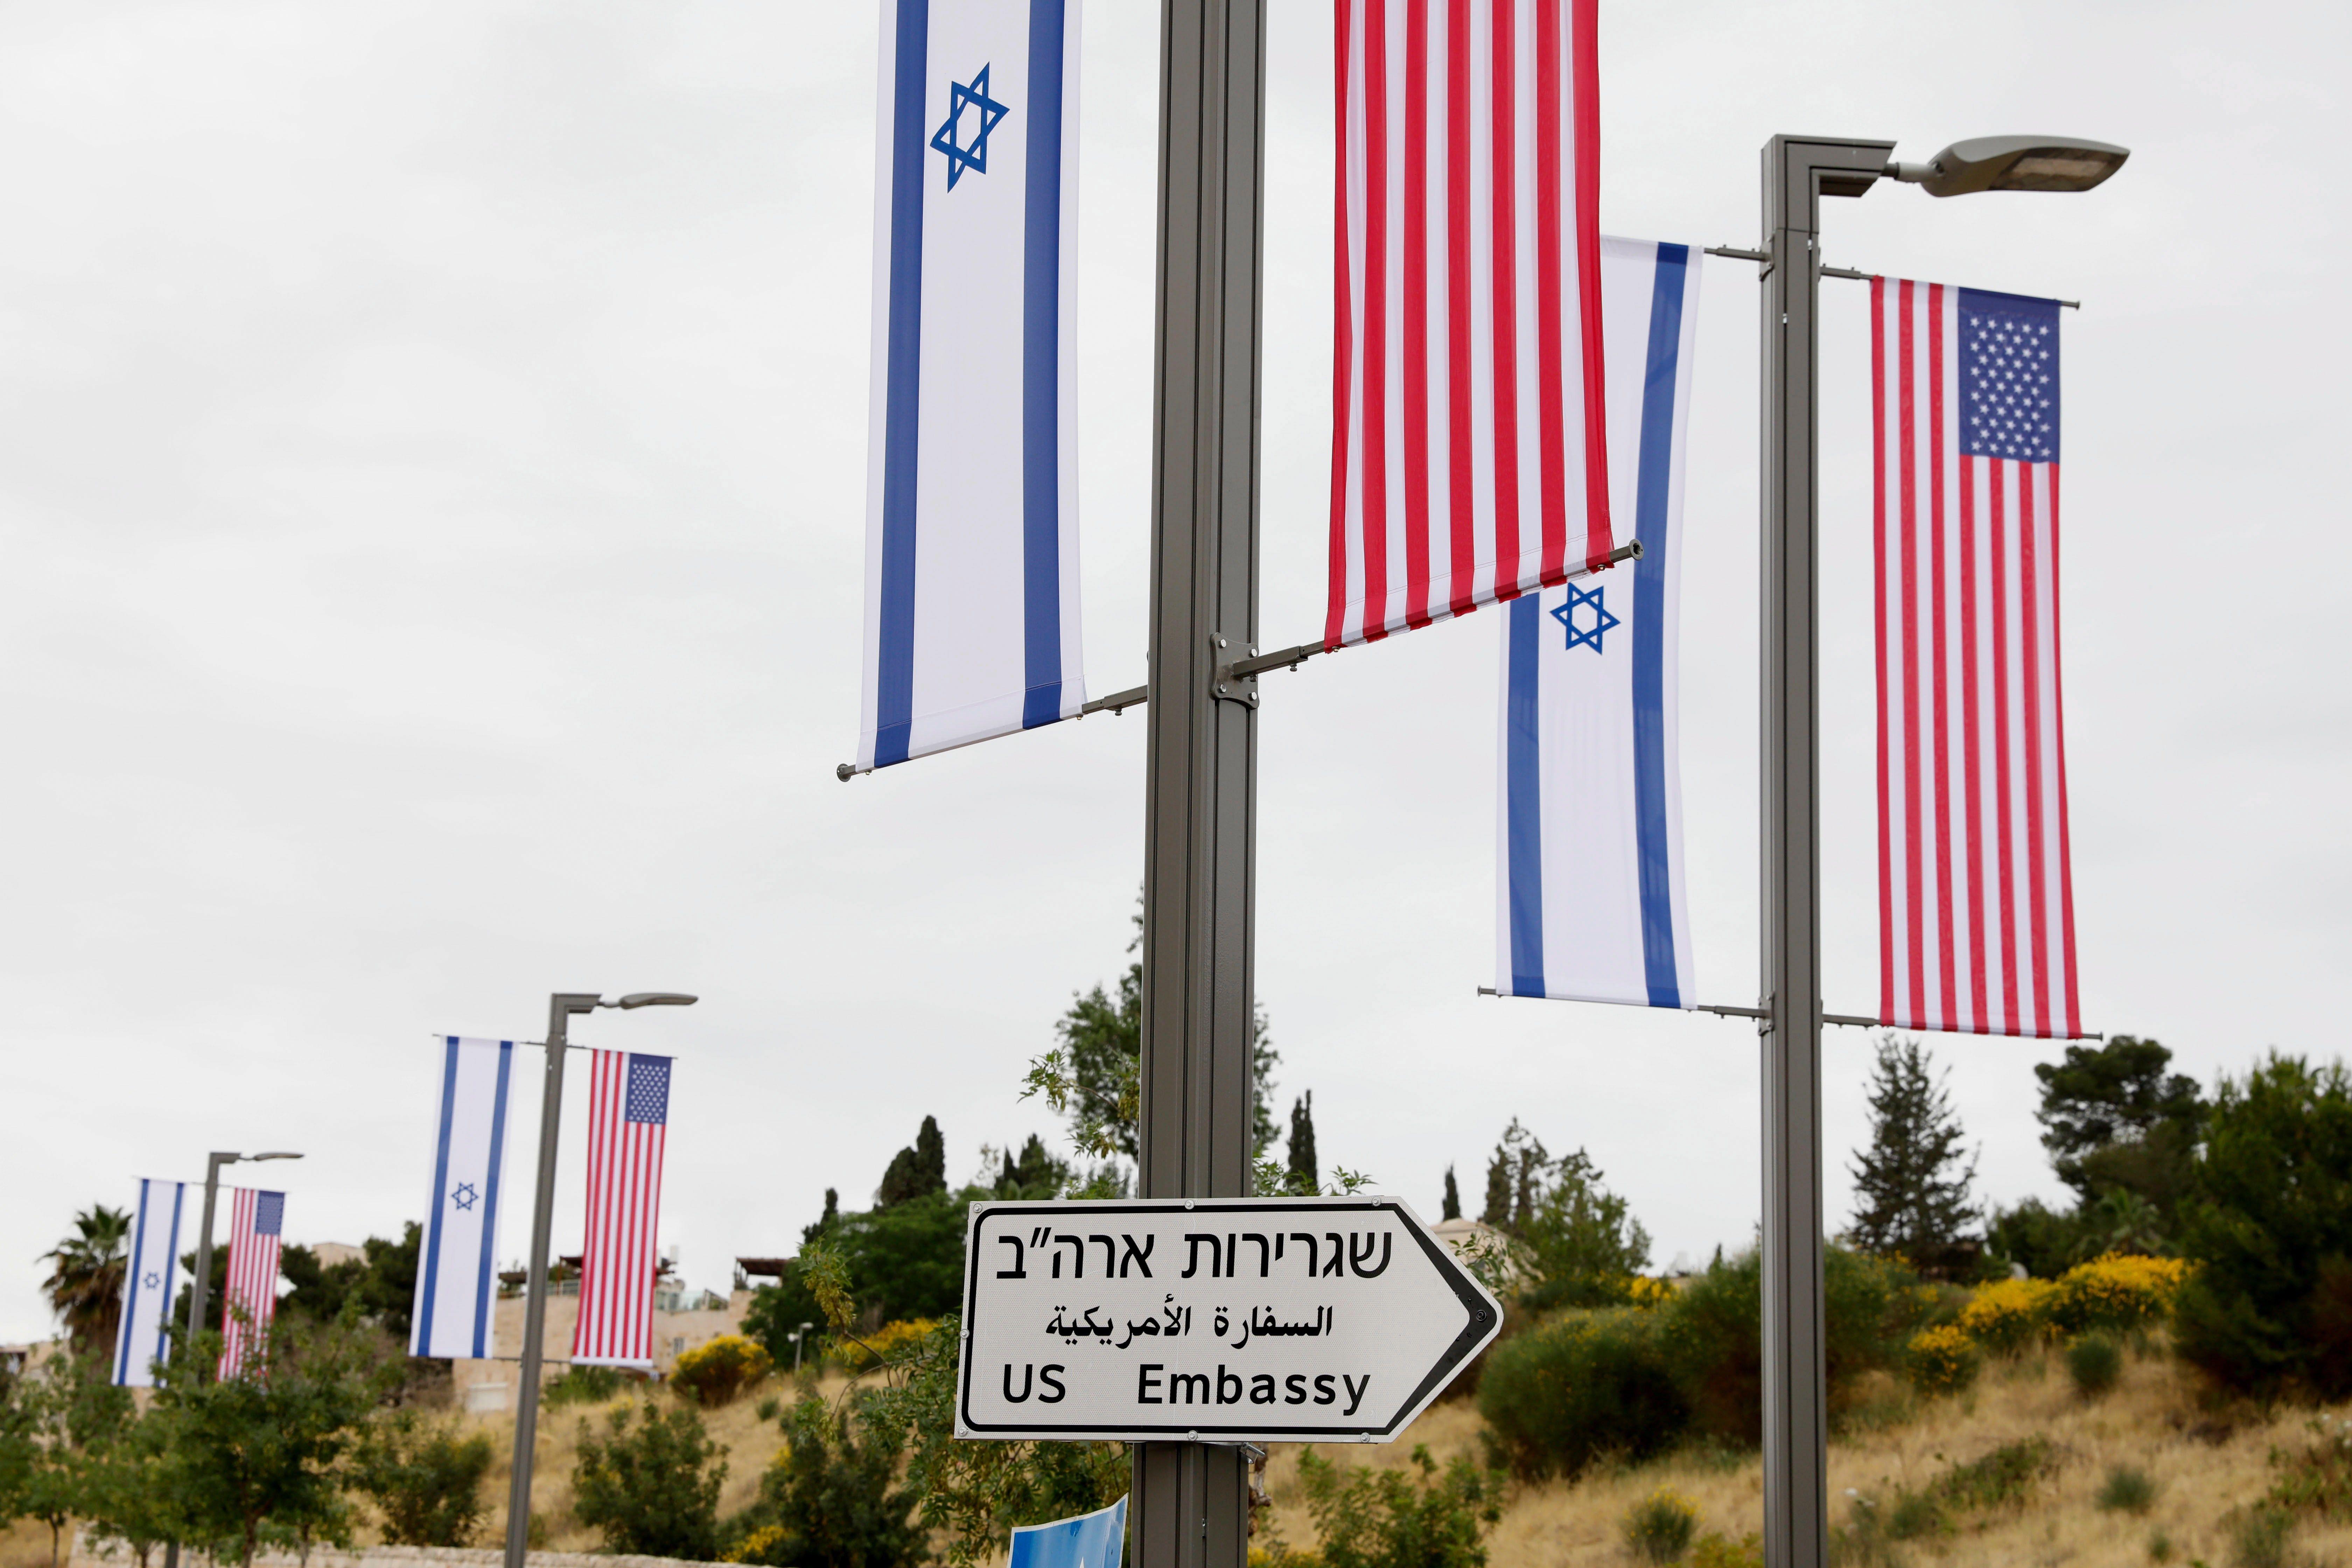 Un cartel indica la dirección de la embajada de Estados Unidos en Jerusalén (EFE)